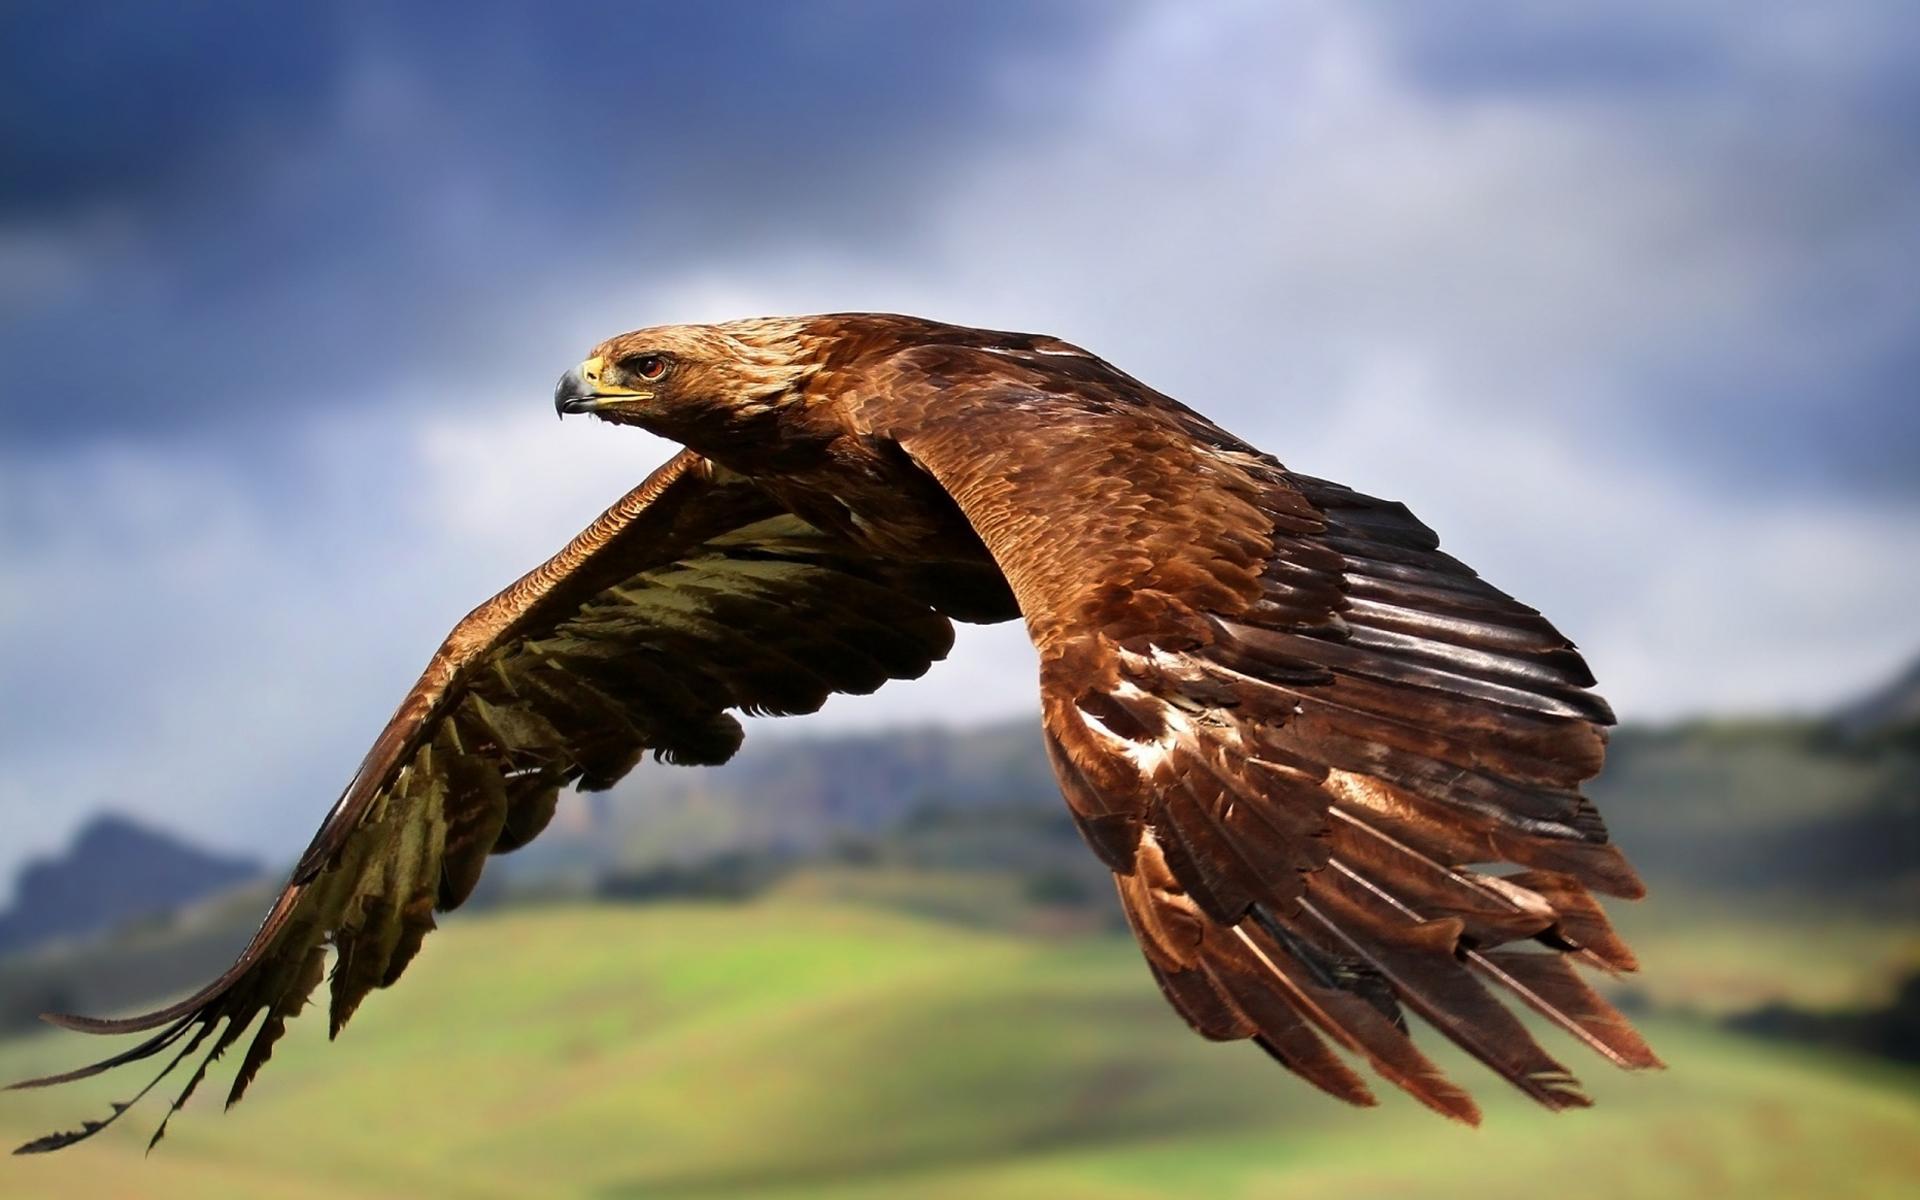 golden-eagle-flying-wallpaper.jpg